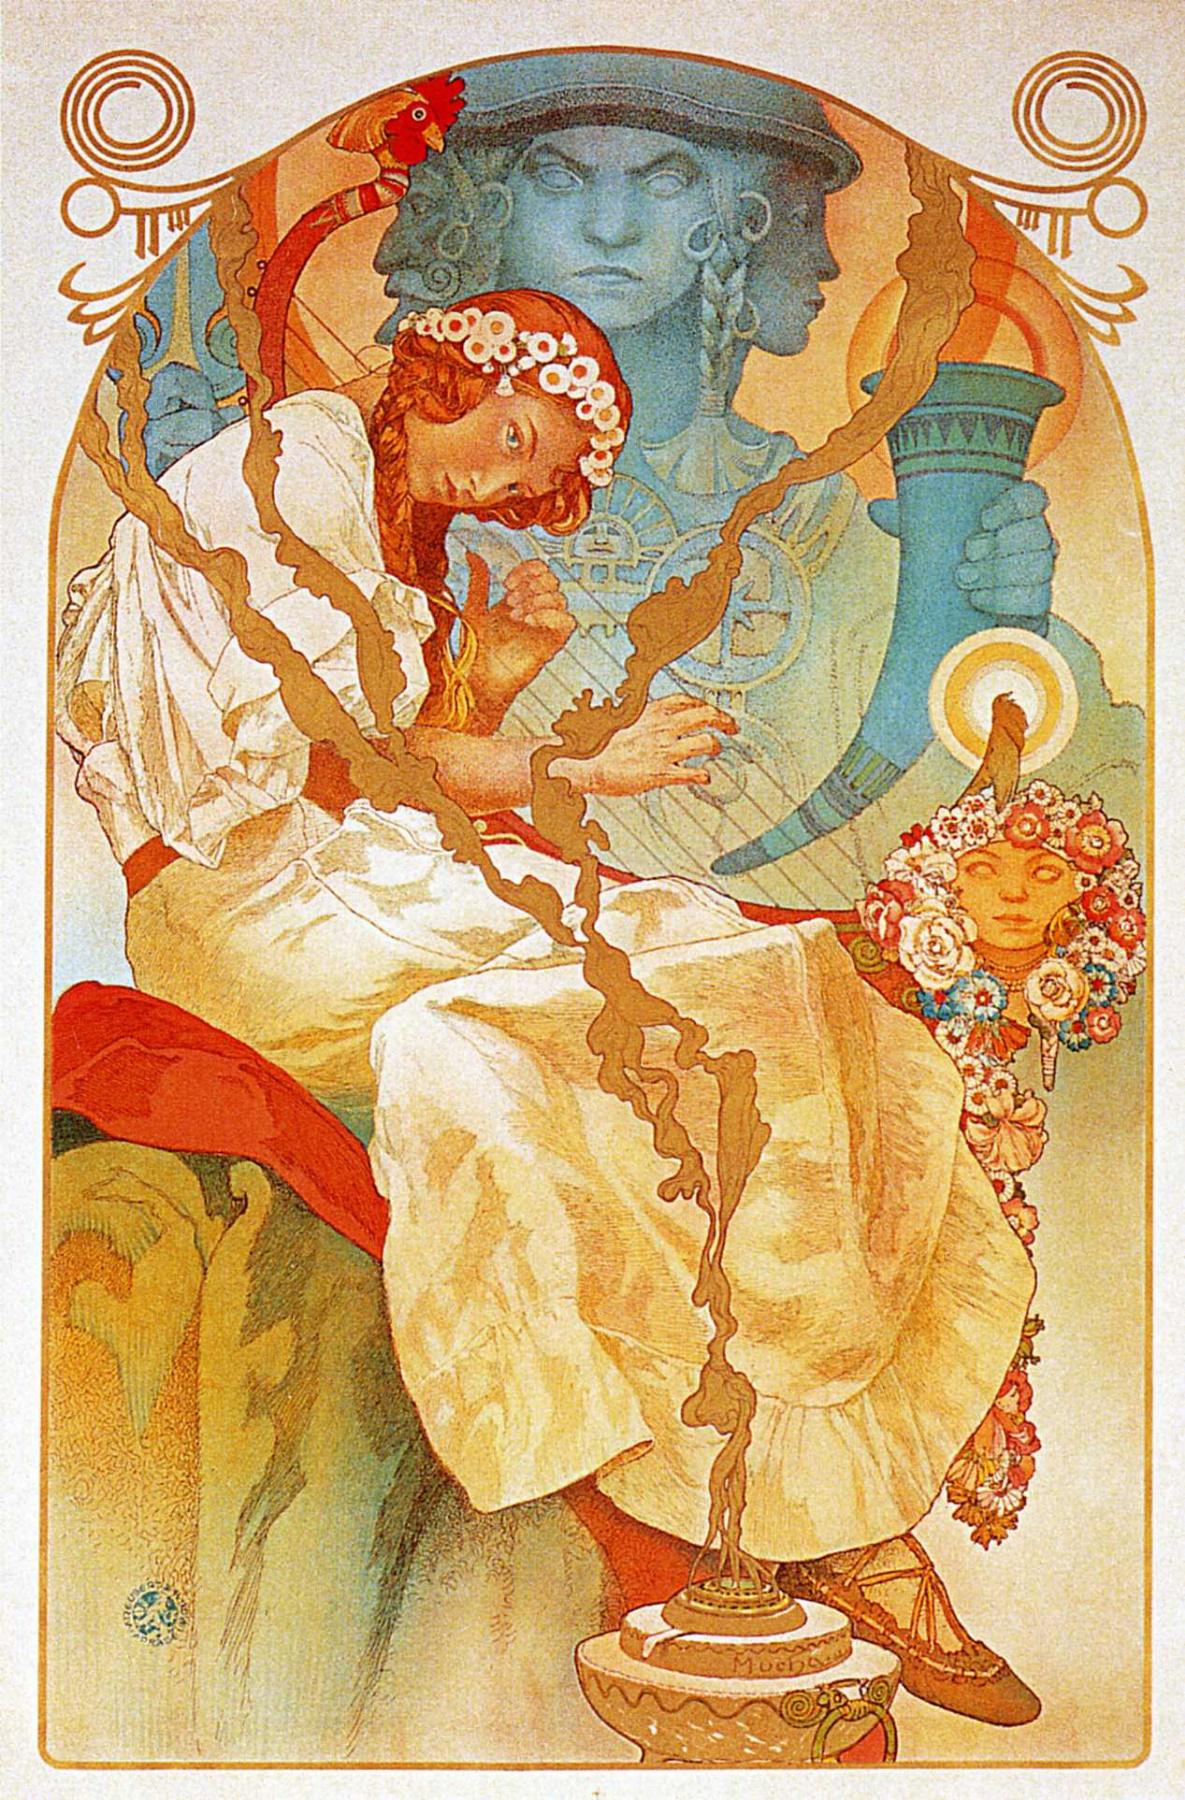 Alfons Mucha. The Slav epic